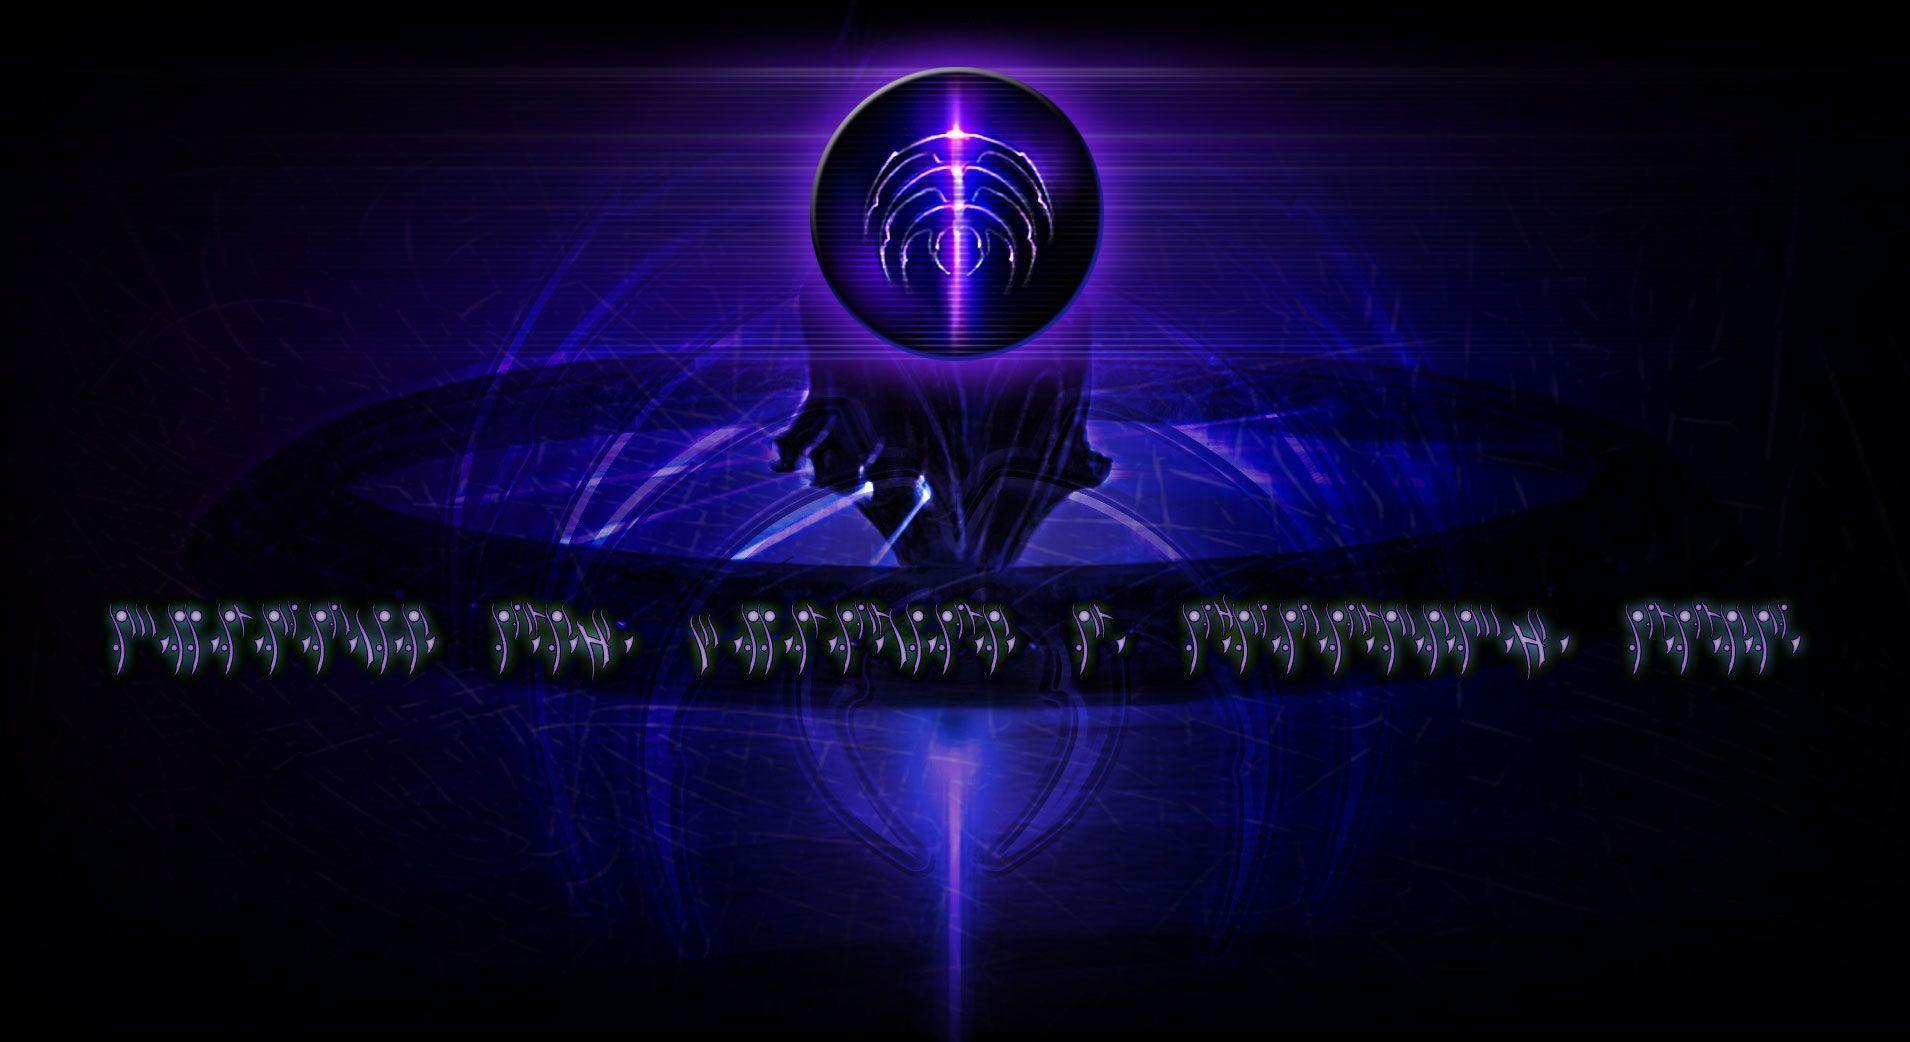 Thirdfaction_logomessage2.jpg